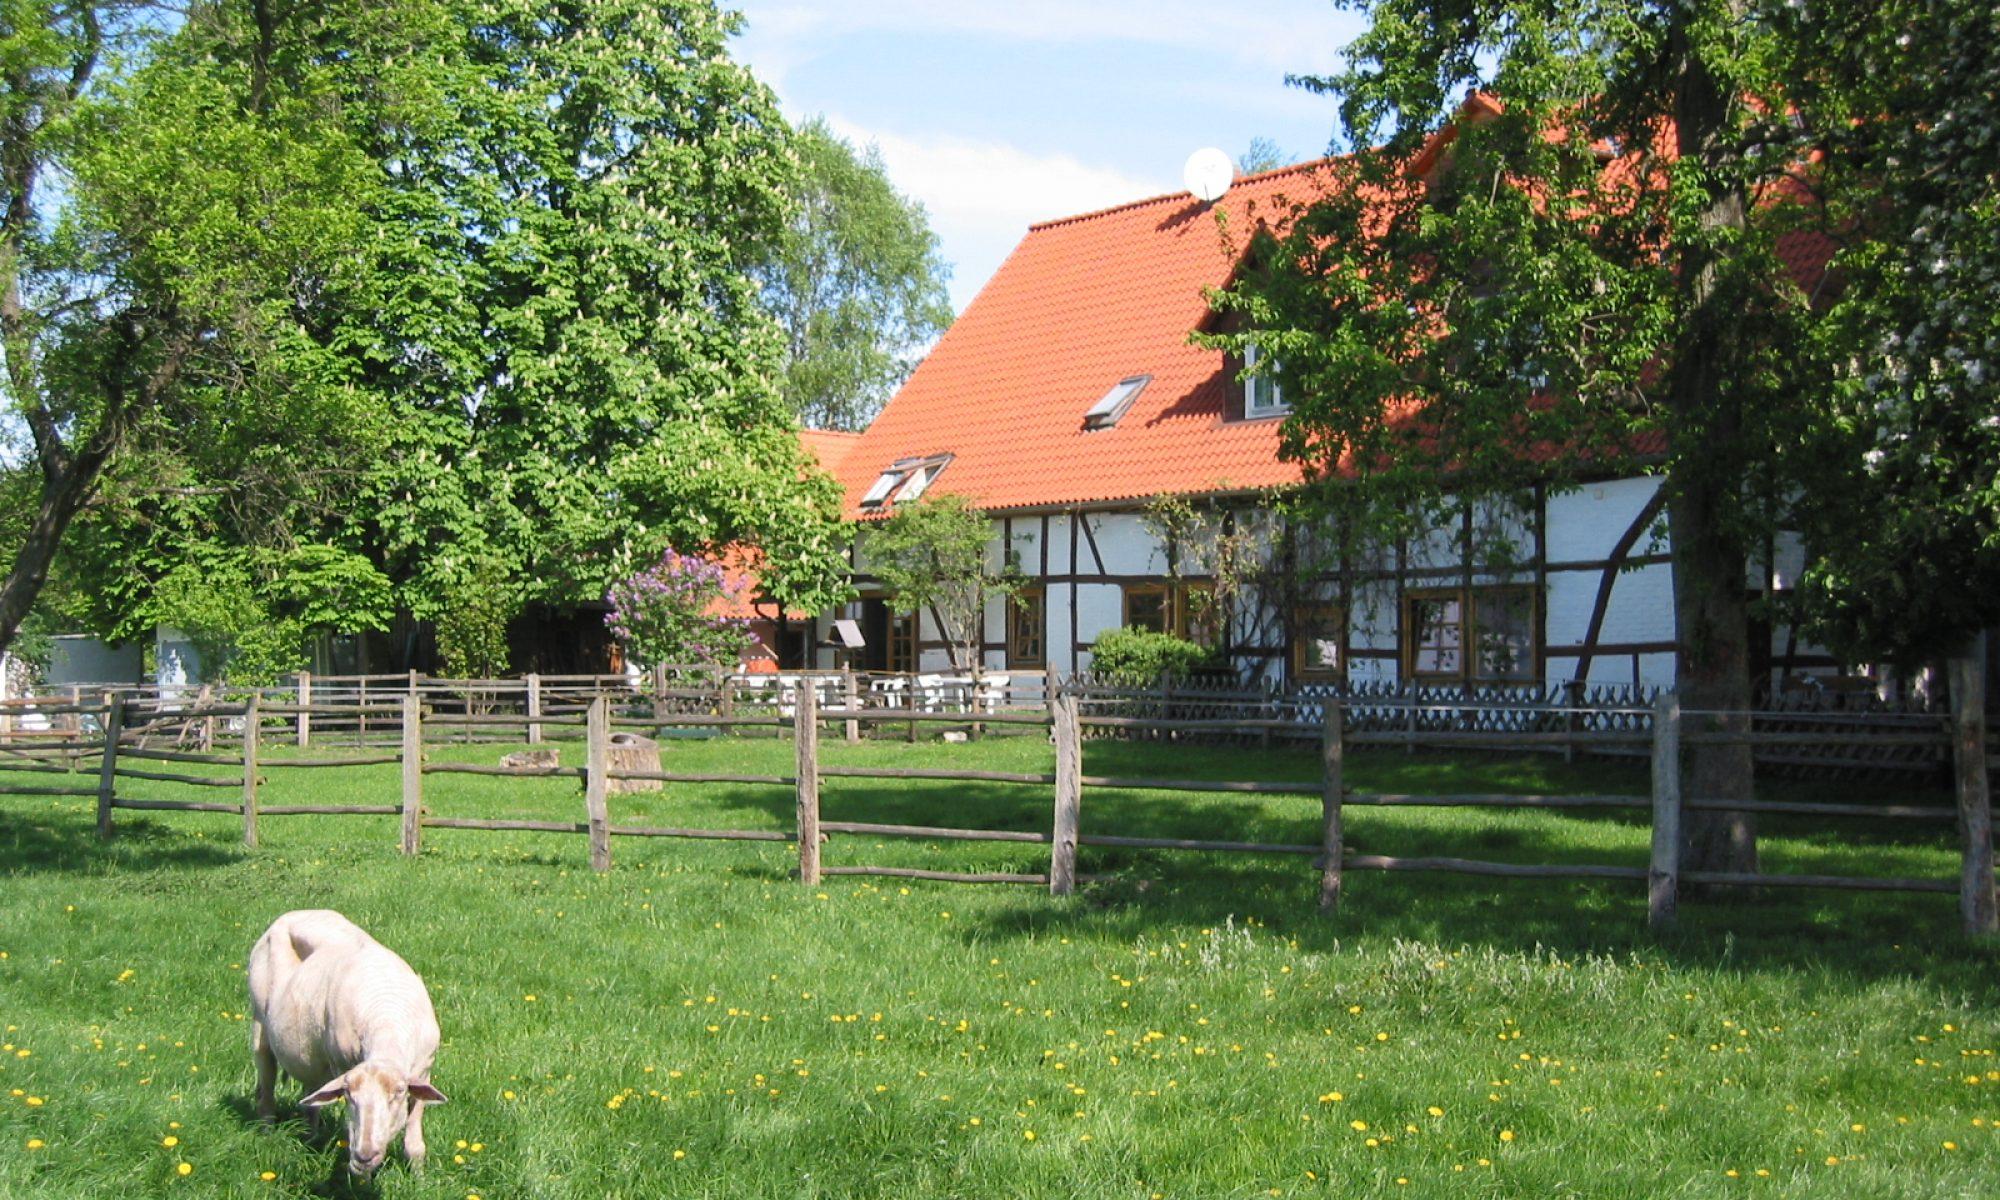 Stiftung Kastanienhof